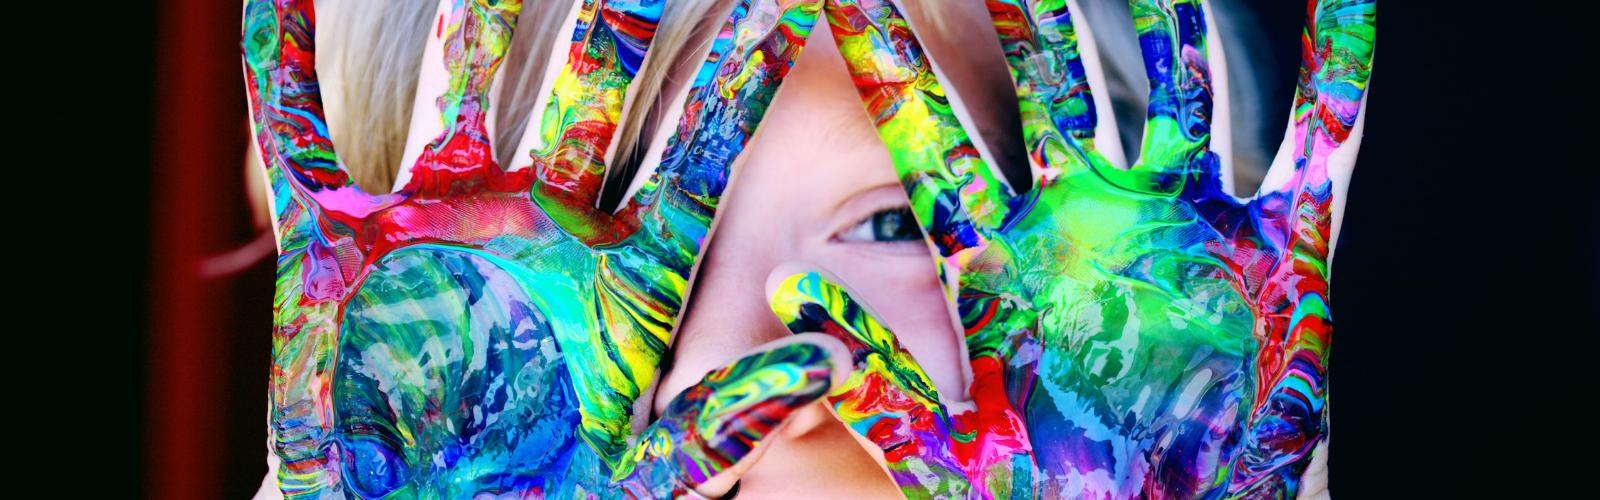 Babysitting le mercredi : 6 Activités pour occuper les enfants